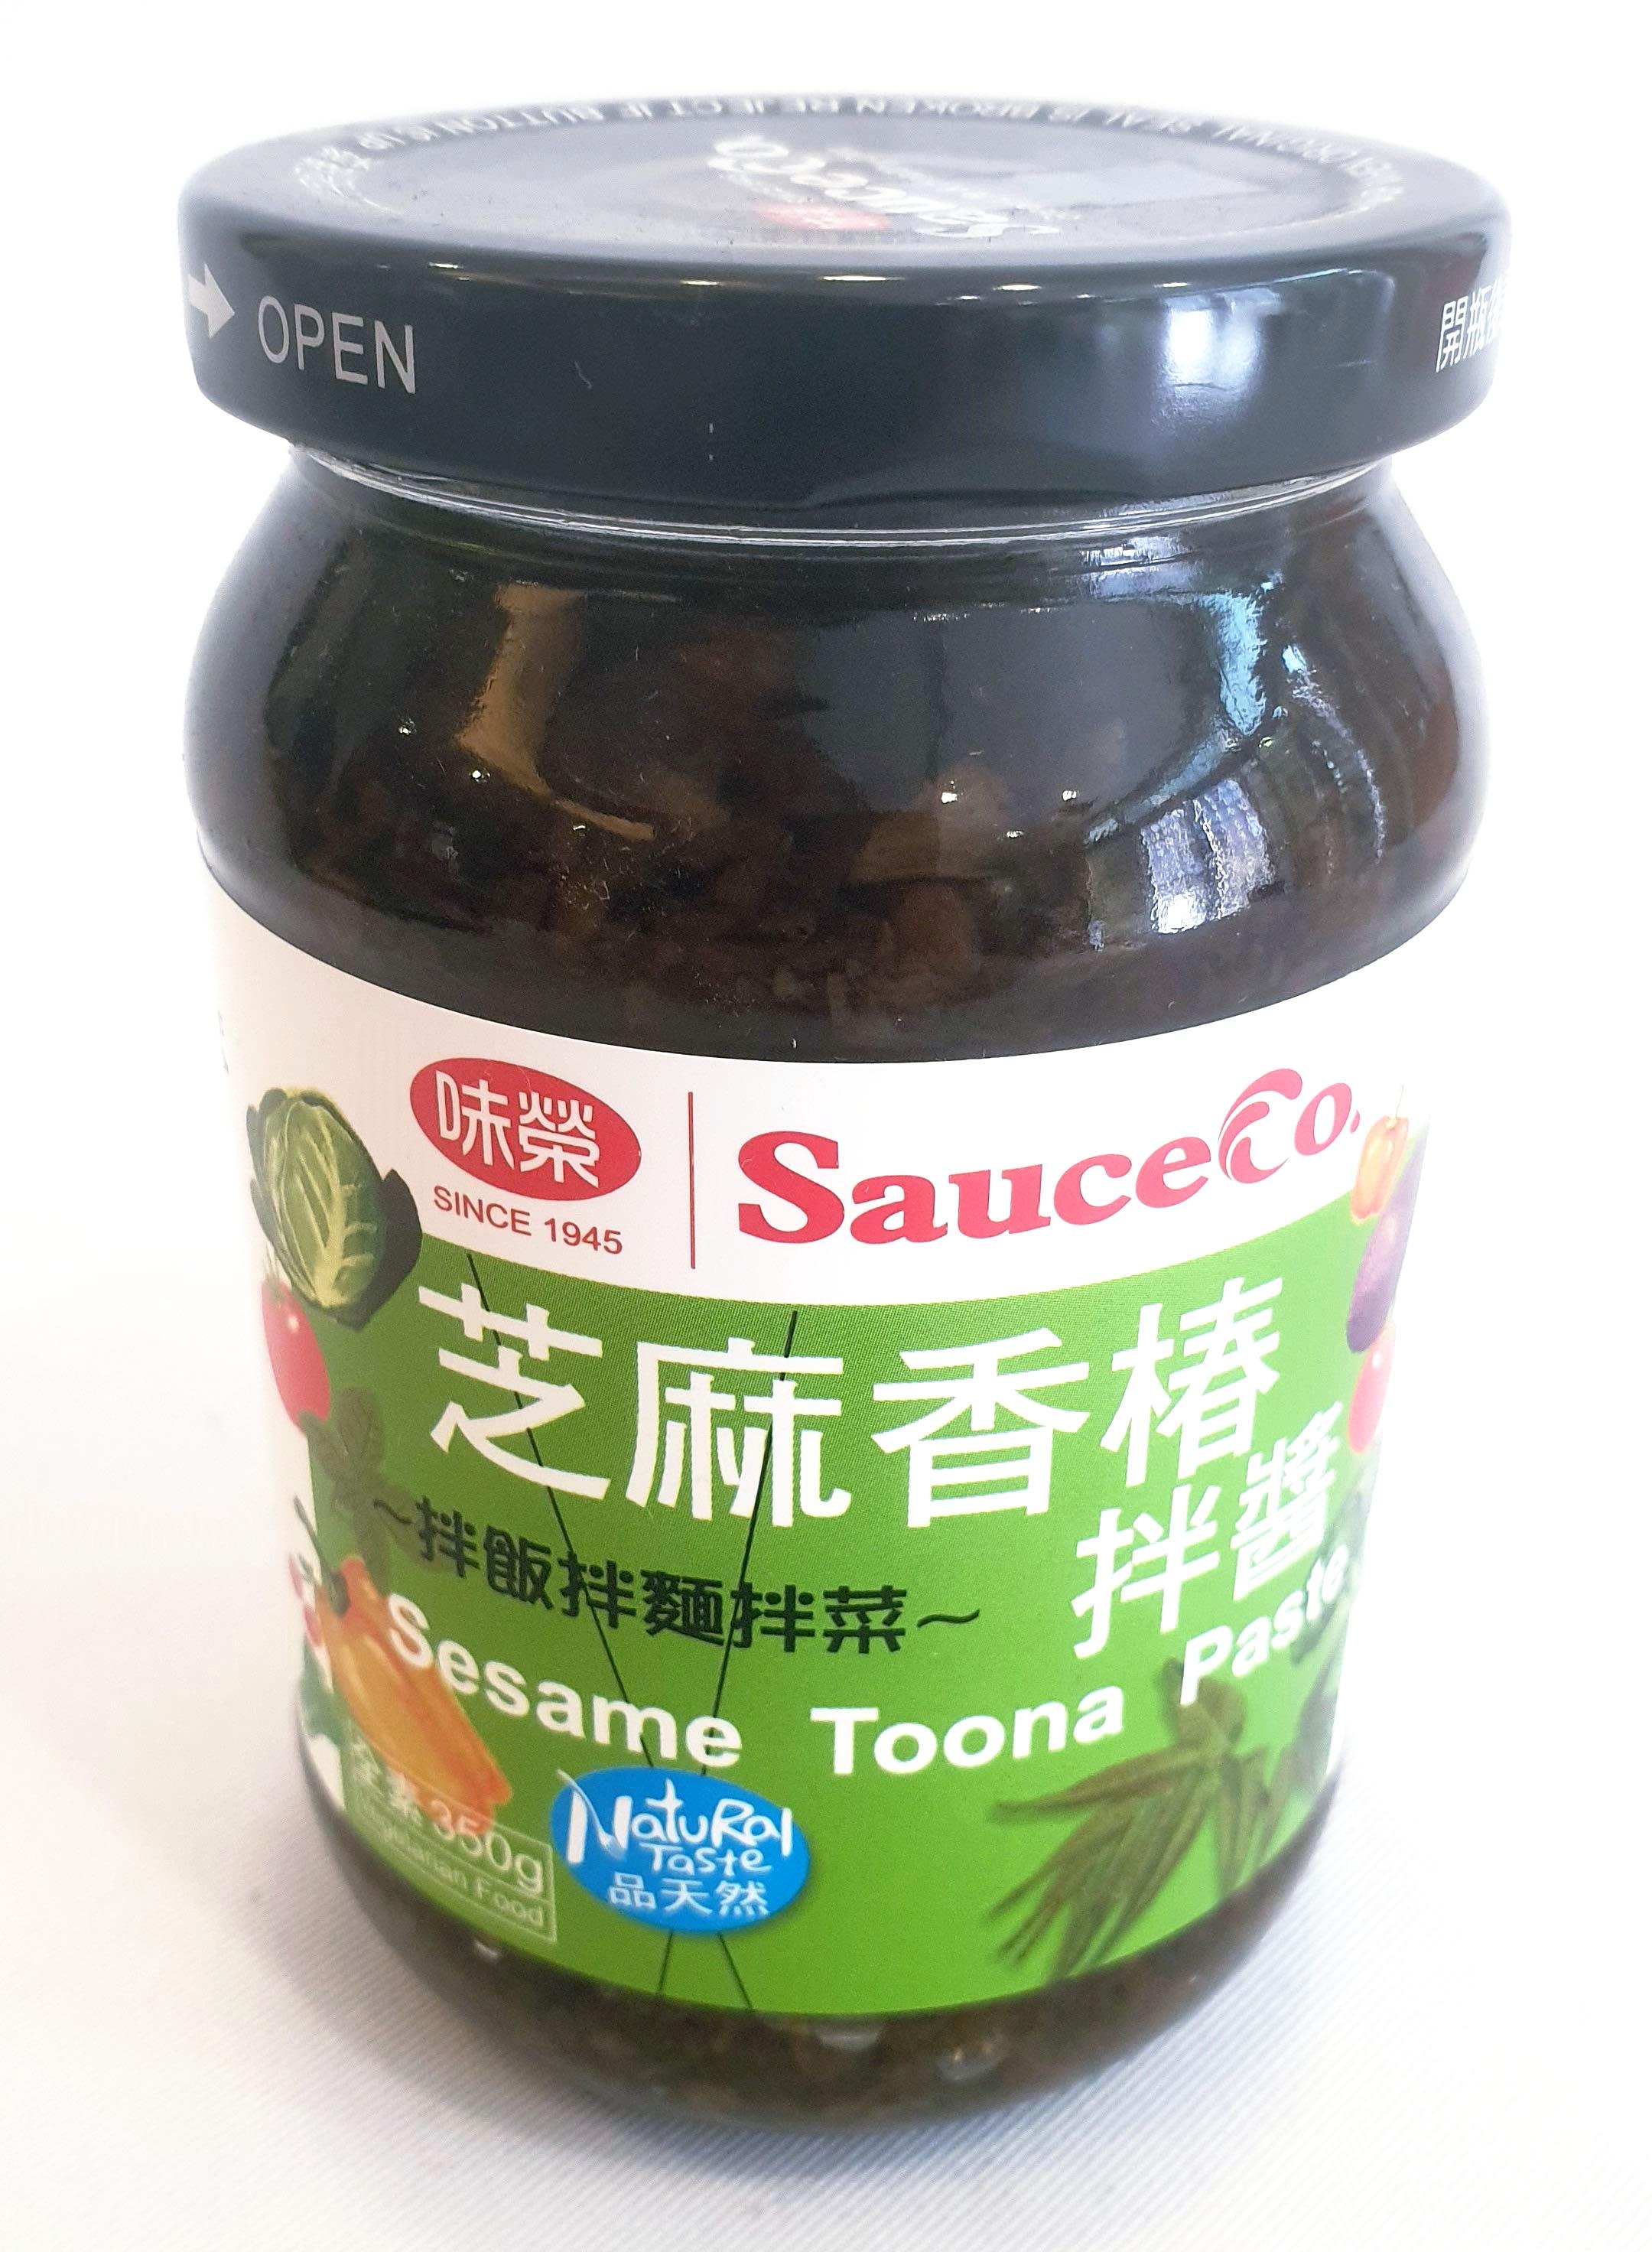 味榮 芝麻香椿拌醬 全素 350公克/罐 (台灣製造)